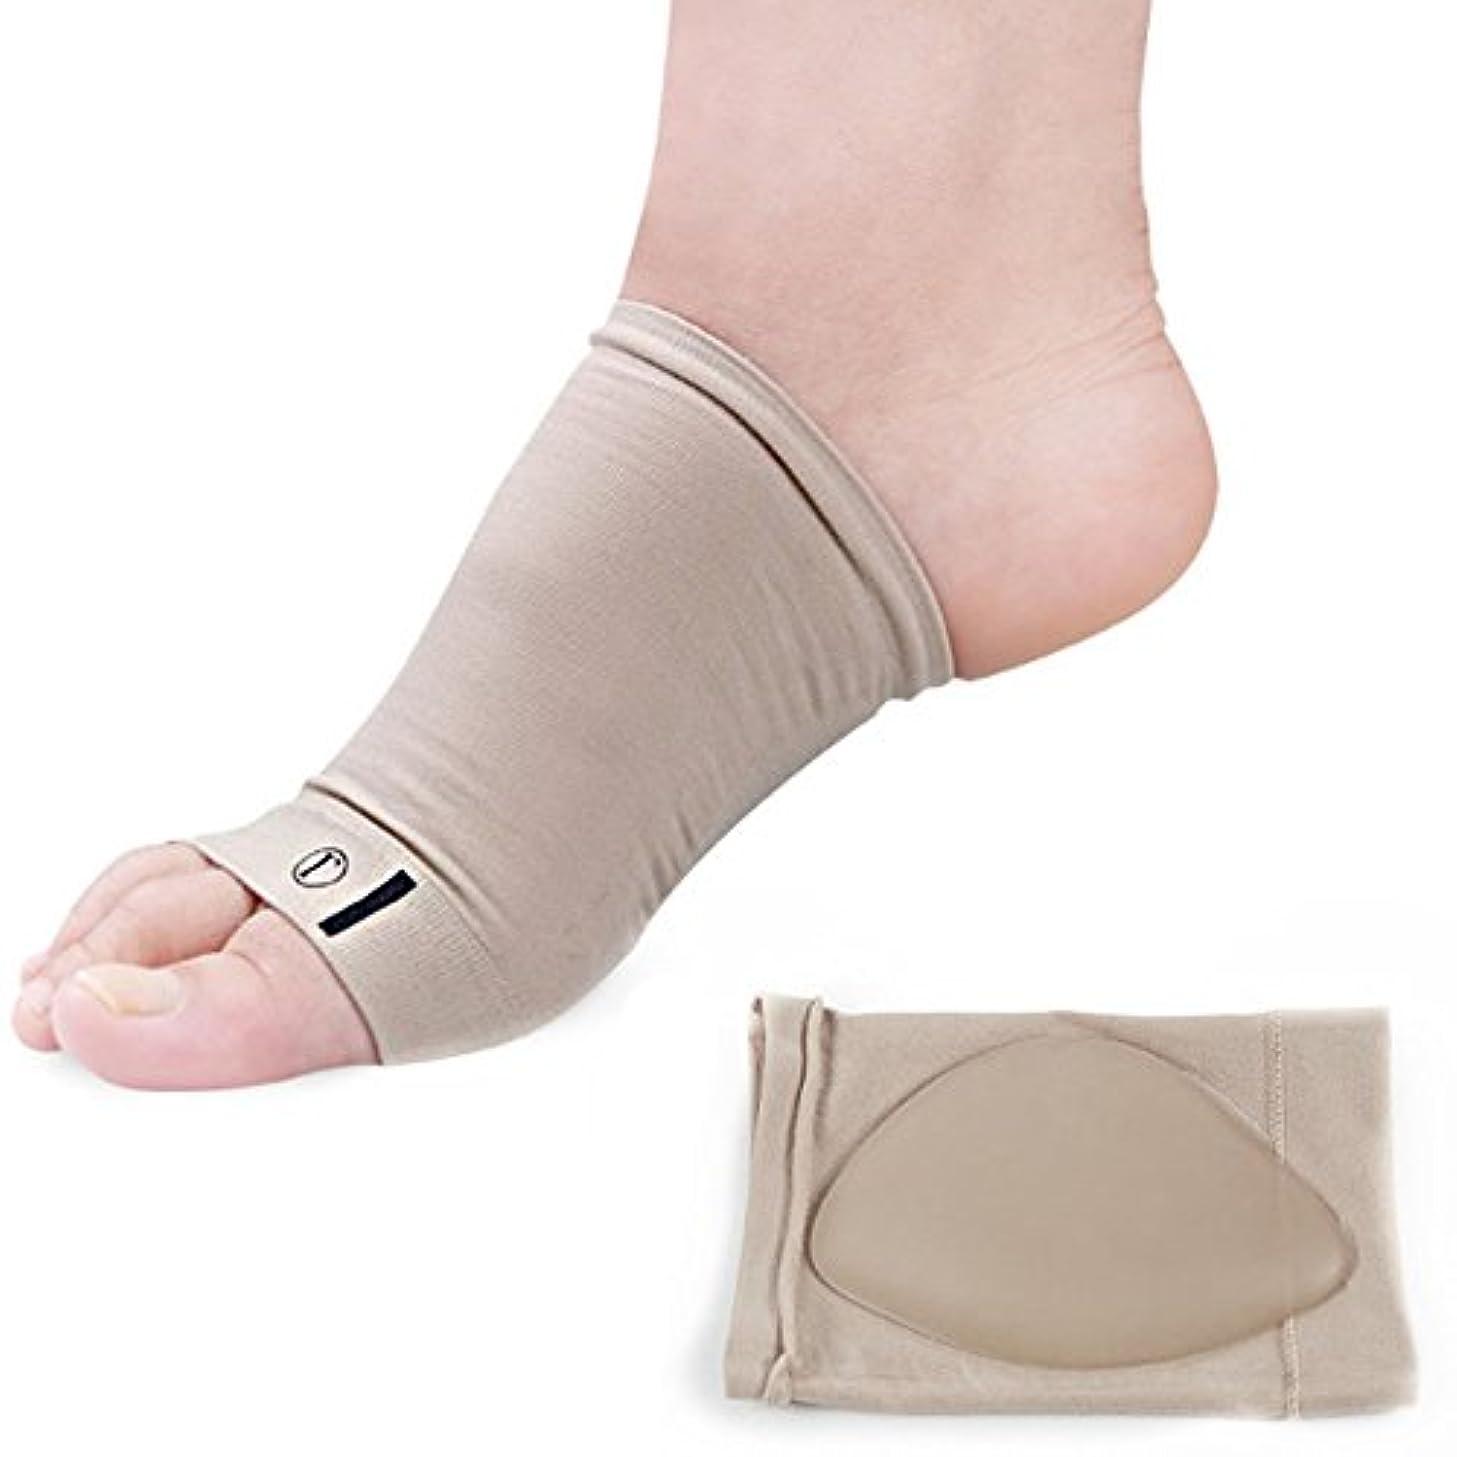 苦痛メモ偽装する山の奥 足底筋膜炎 アーチサポーター 専用 シリコン インソール 衝撃吸収 足裏 足底の痛みを解消 左右セット 解消足裏パッド